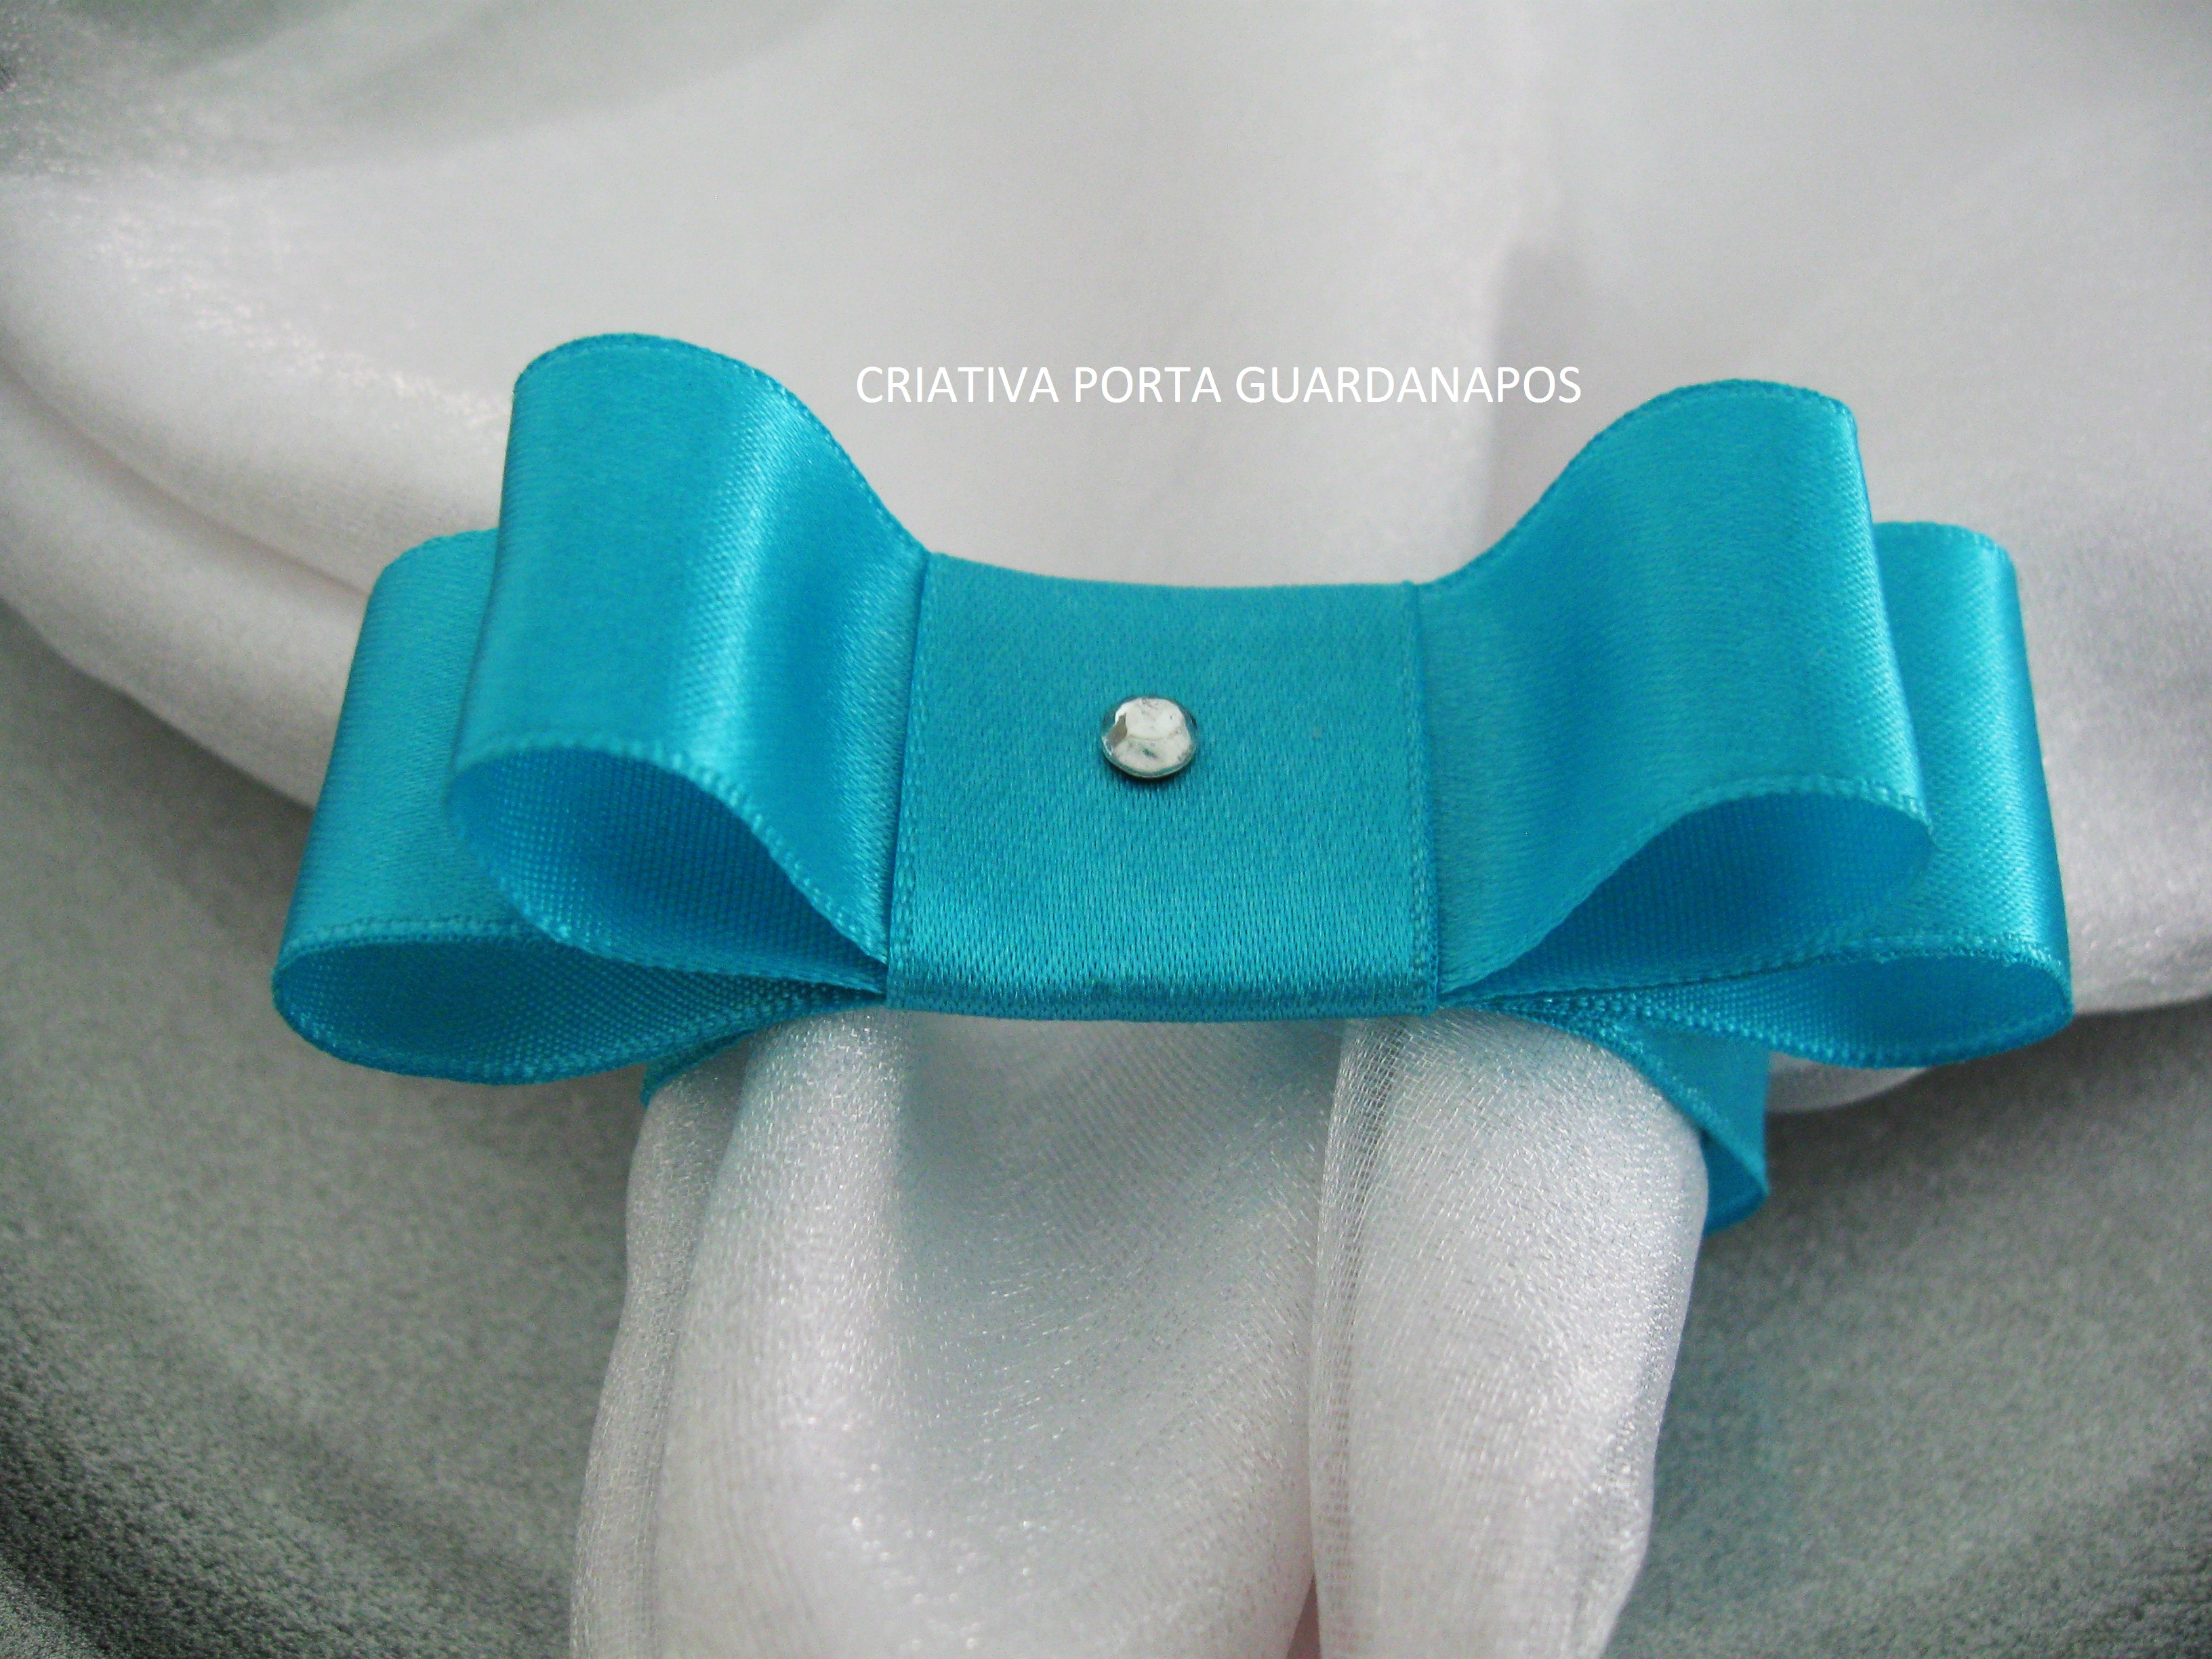 Porta Guardanapo Laco Chanel A Tiffany No Elo7 Criativa Porta